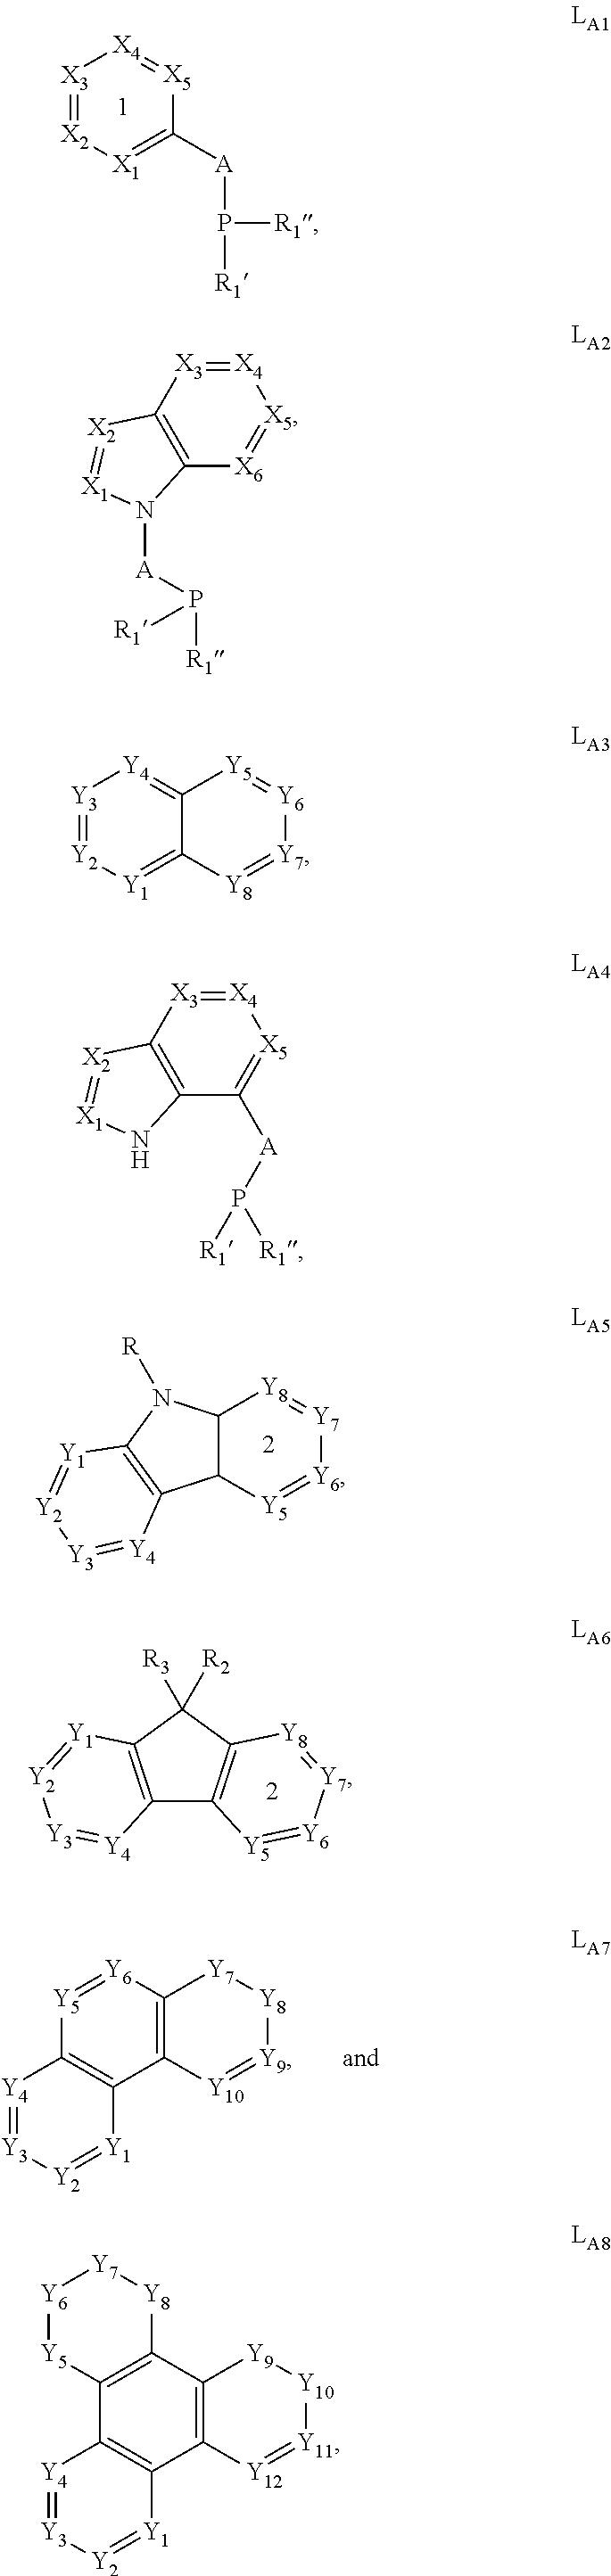 Figure US10121975-20181106-C00001